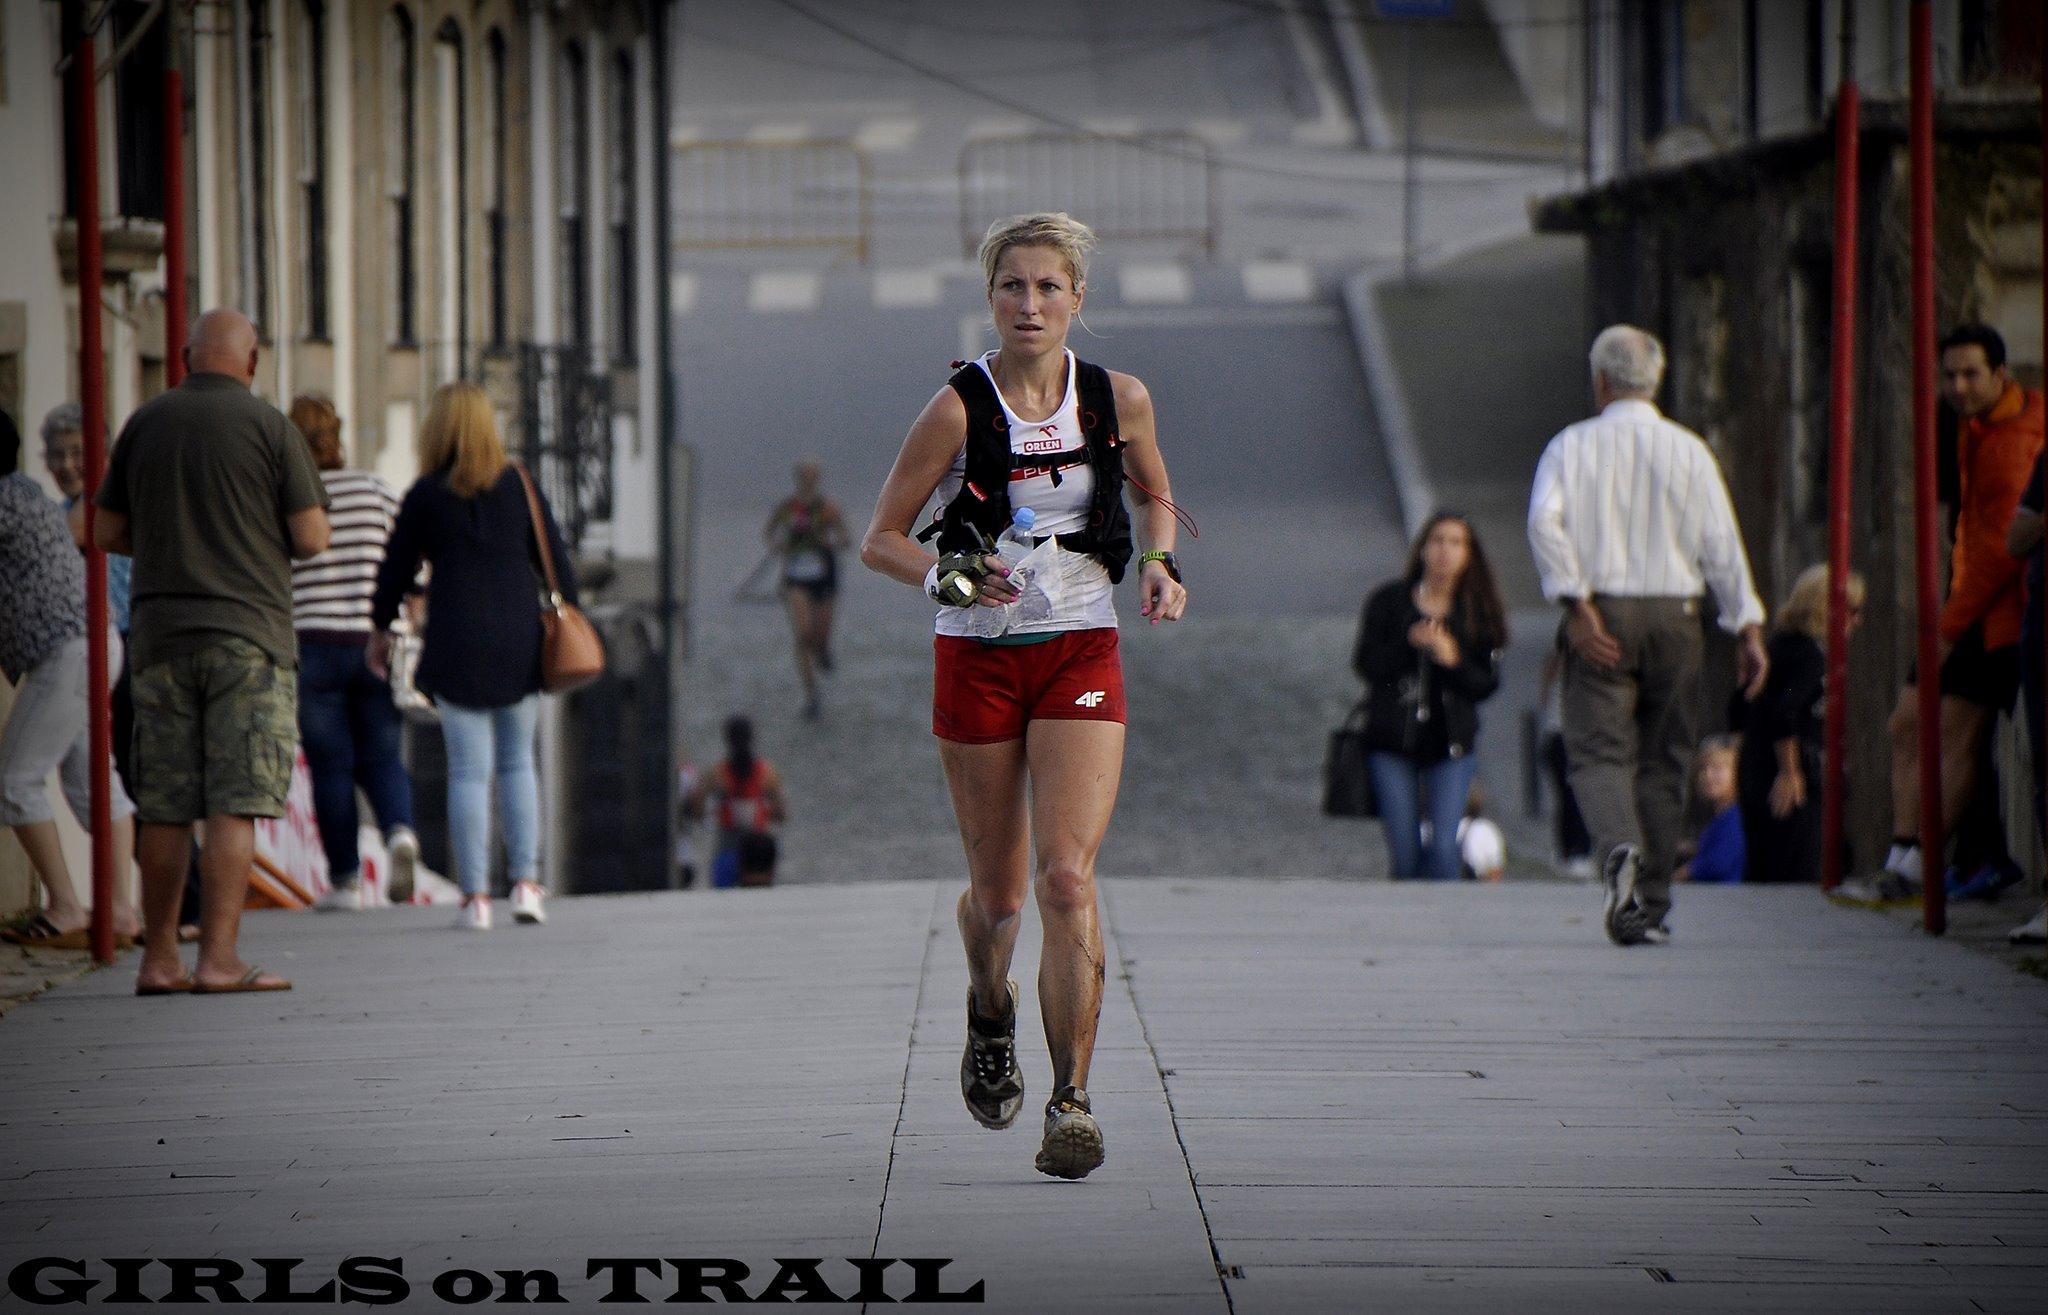 Dominika Stelmach na końcówce trasy. Fot. Girls on Trail